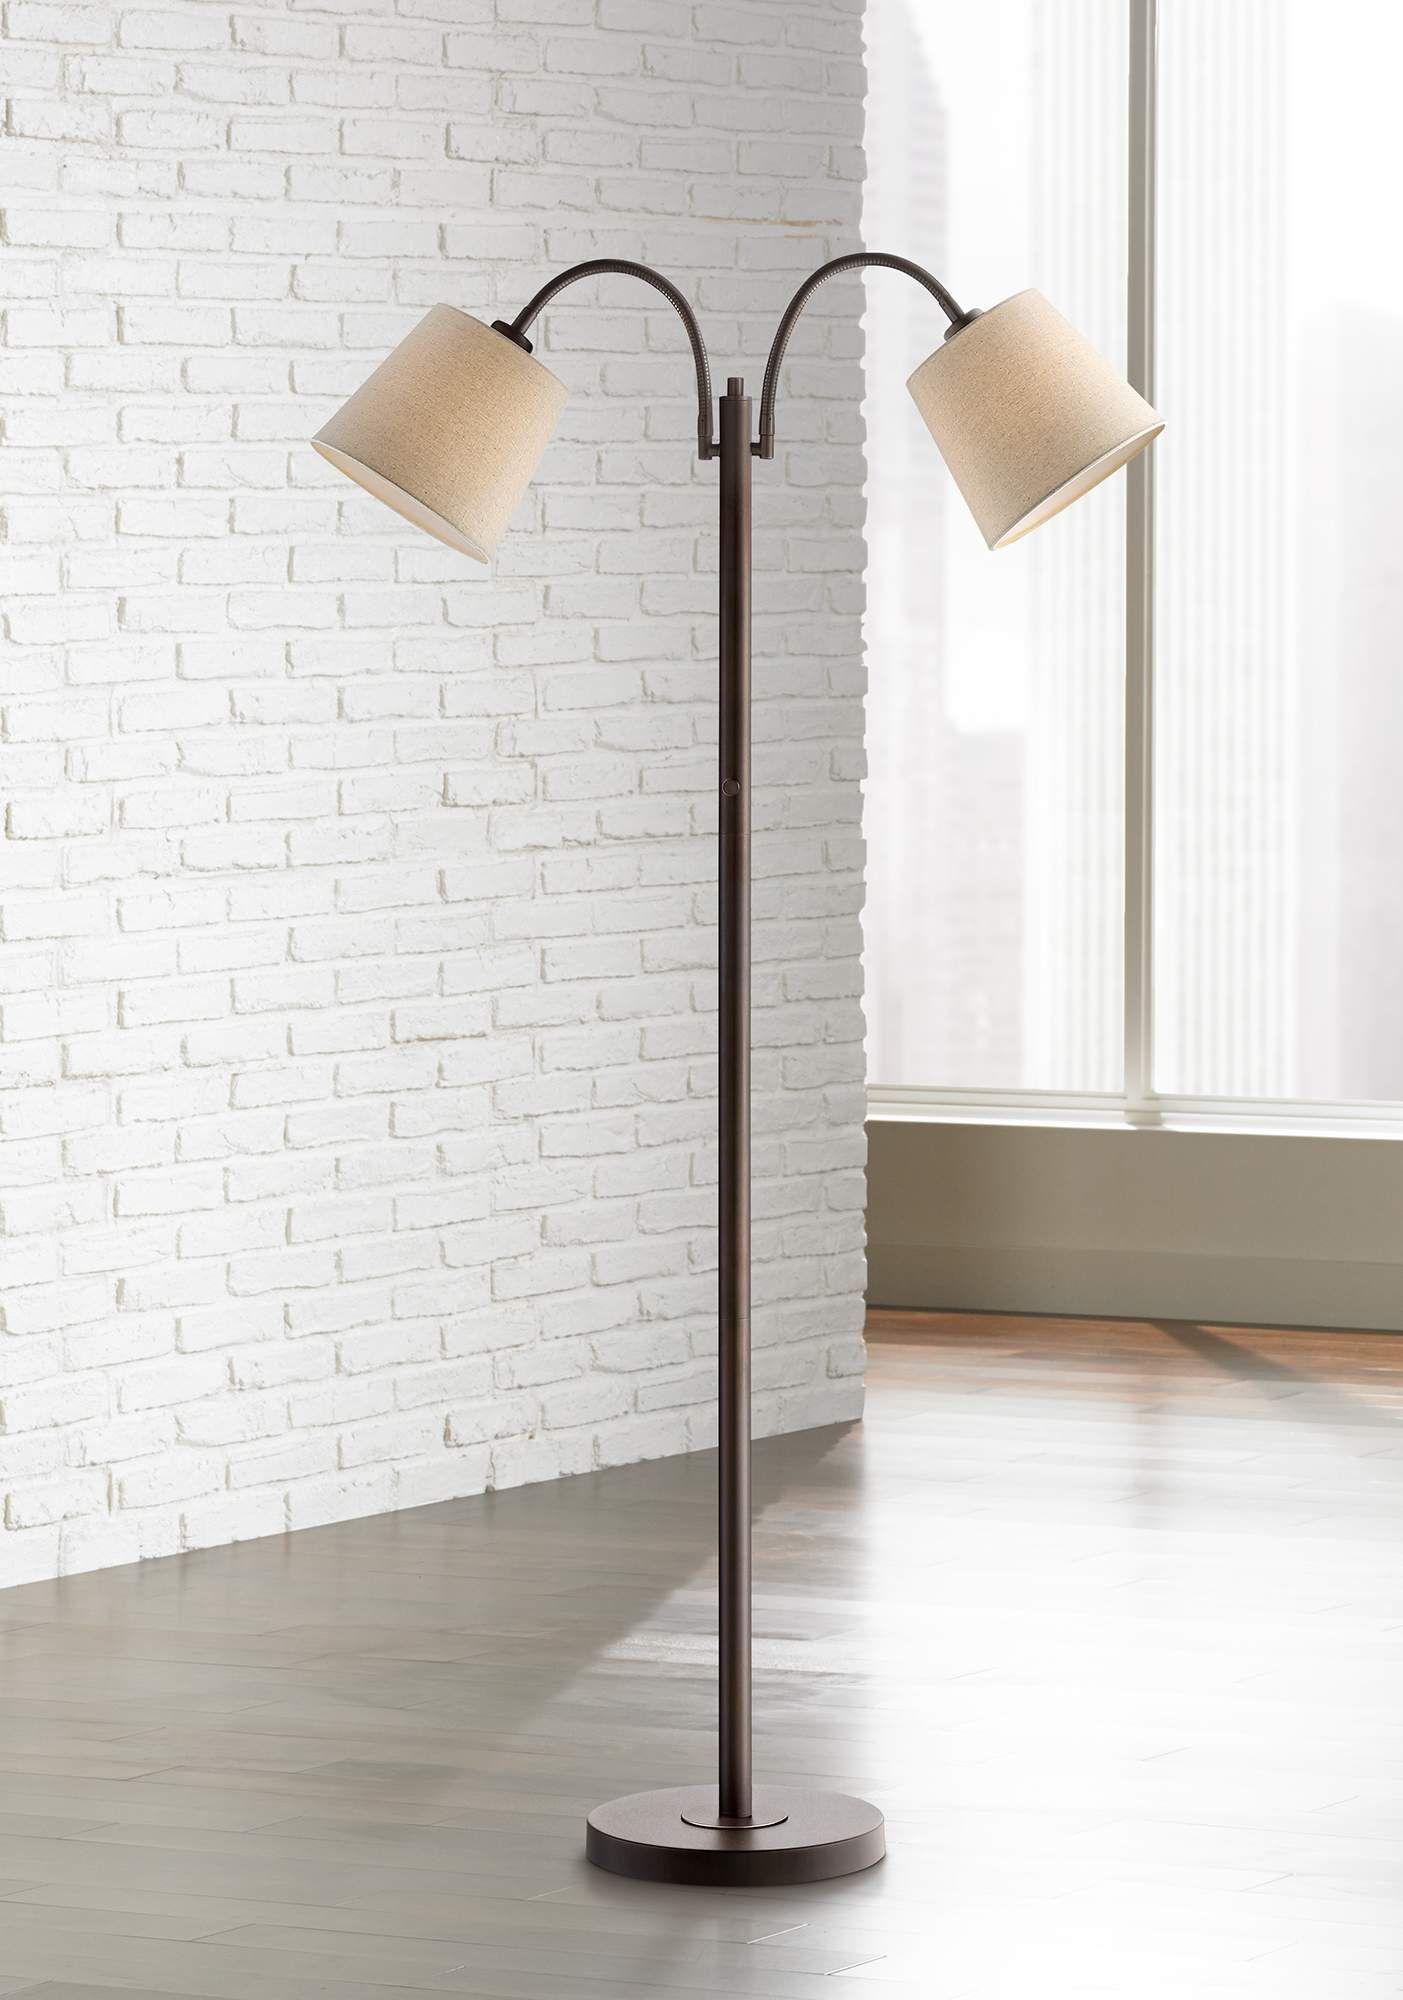 Seneca Bronze Twin Arm Gooseneck Floor Lamp 1y460 Lamps Plus